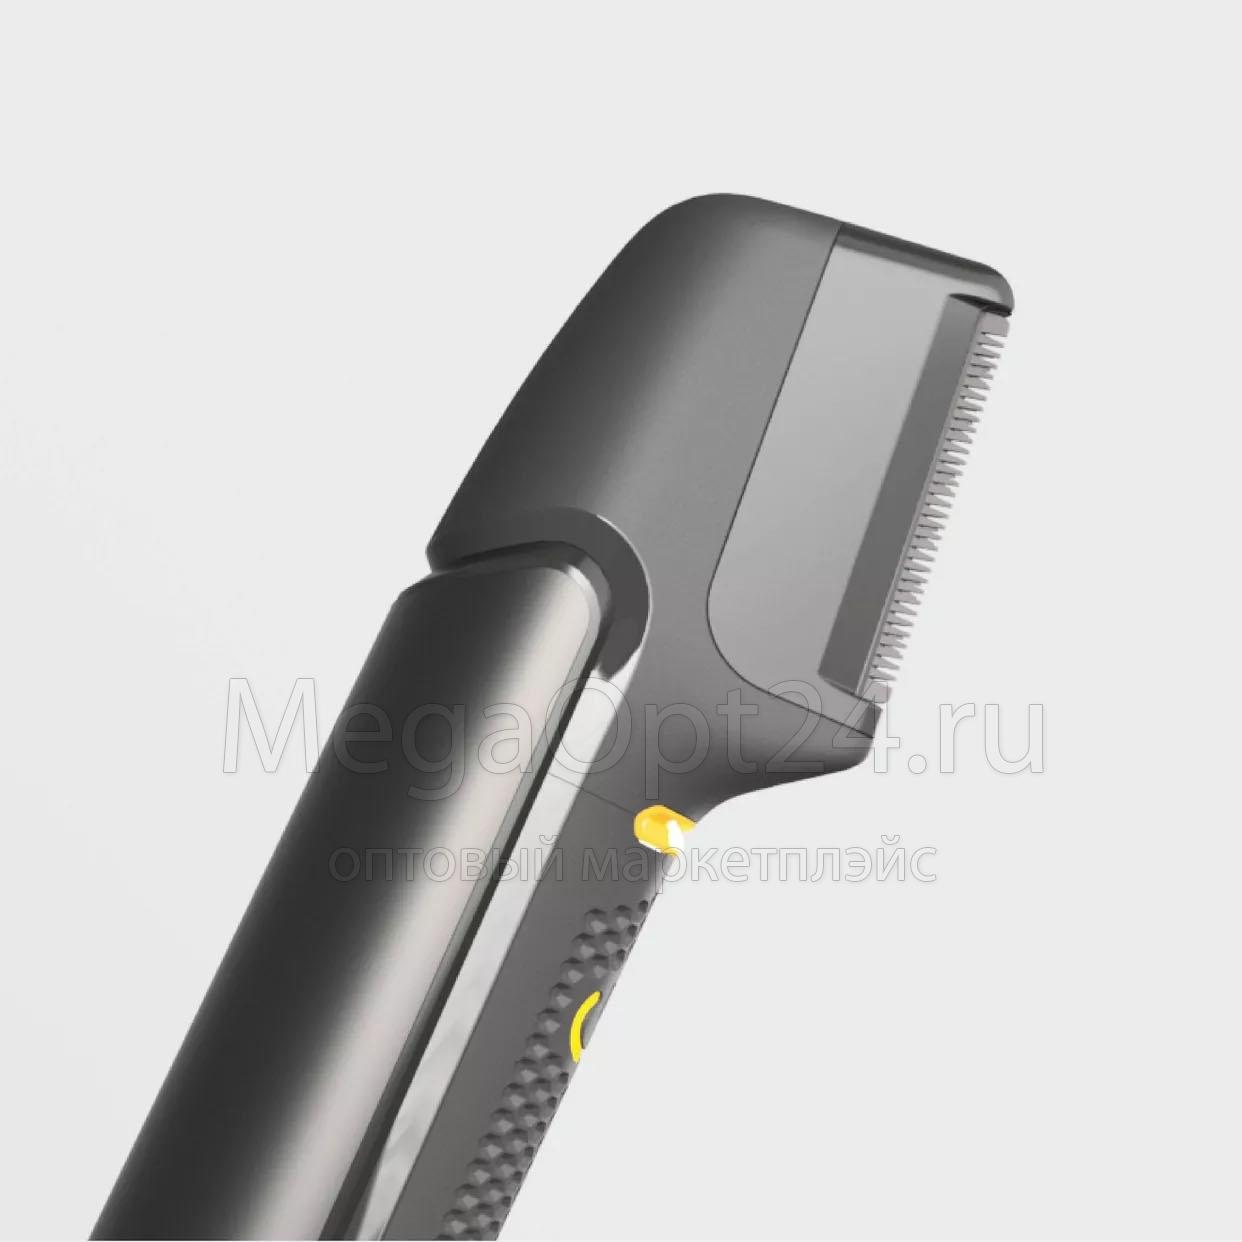 Мужской триммер Micro Touch Titanium Trim оптом